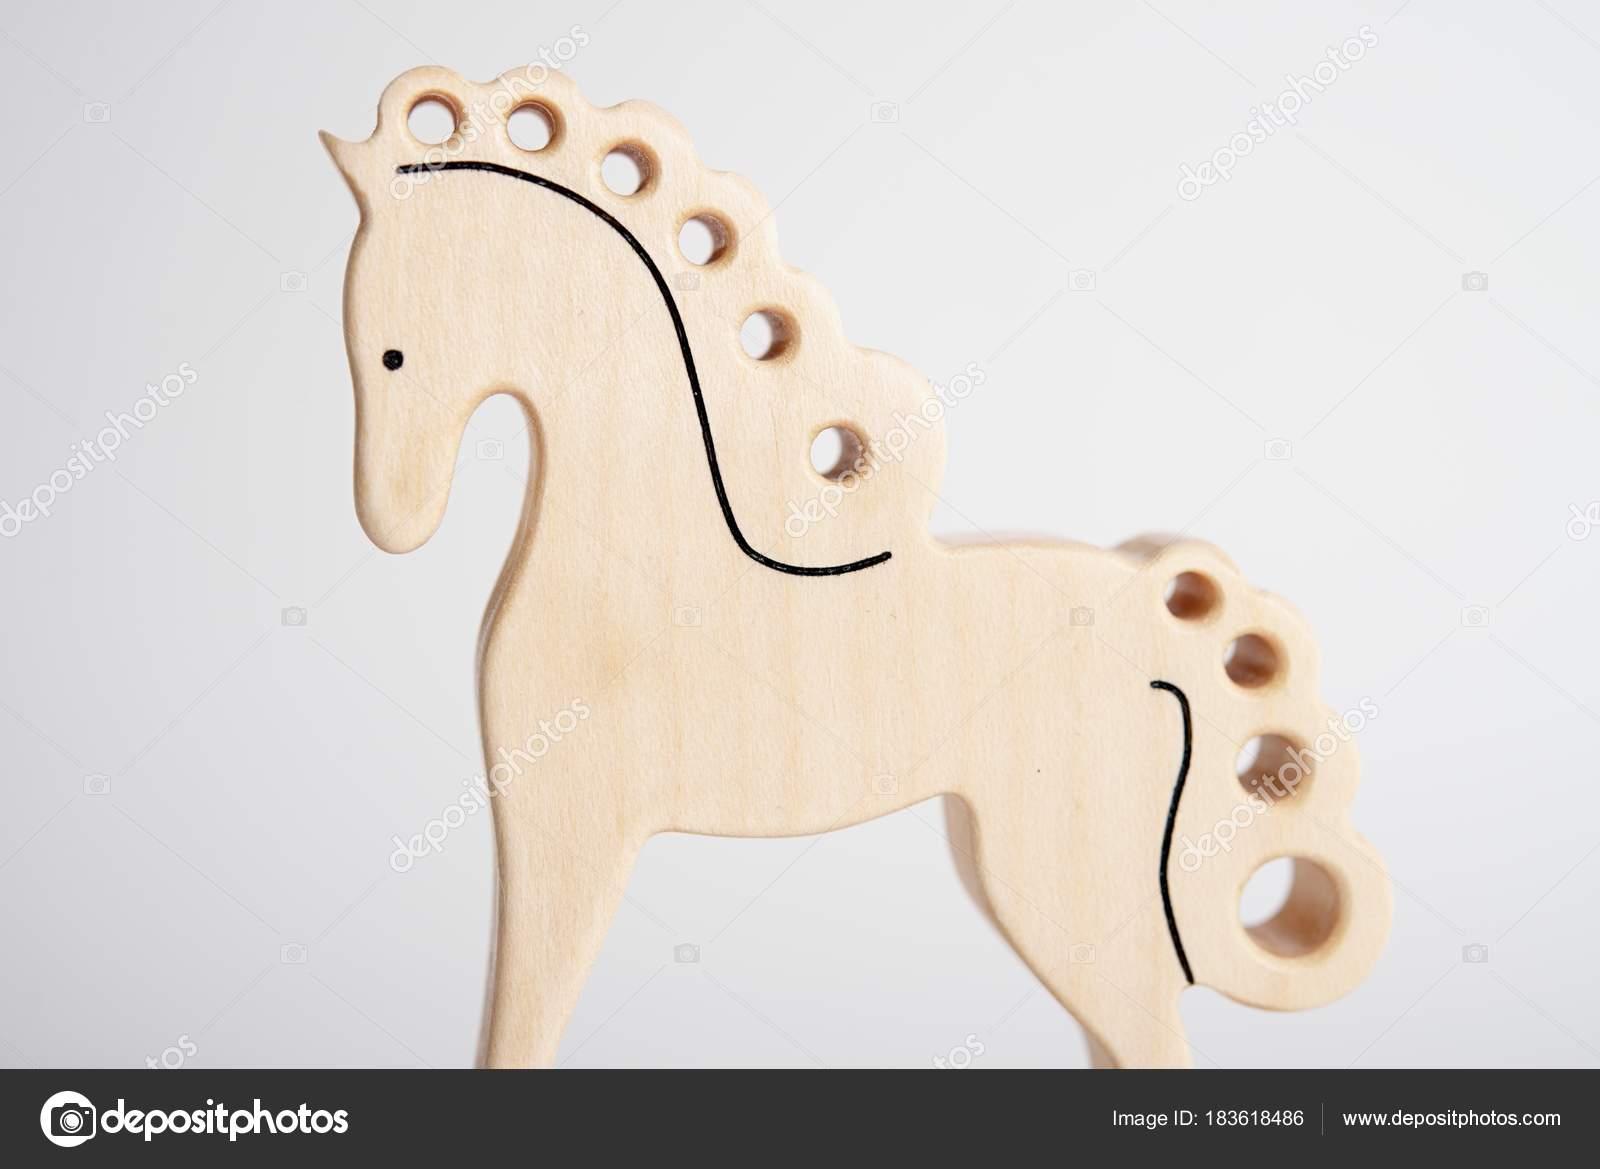 Cavallo Di Legno Giocattolo.Giocattolo Del Cavallo Di Legno Fatti A Mano Per Bambini Isolati Su